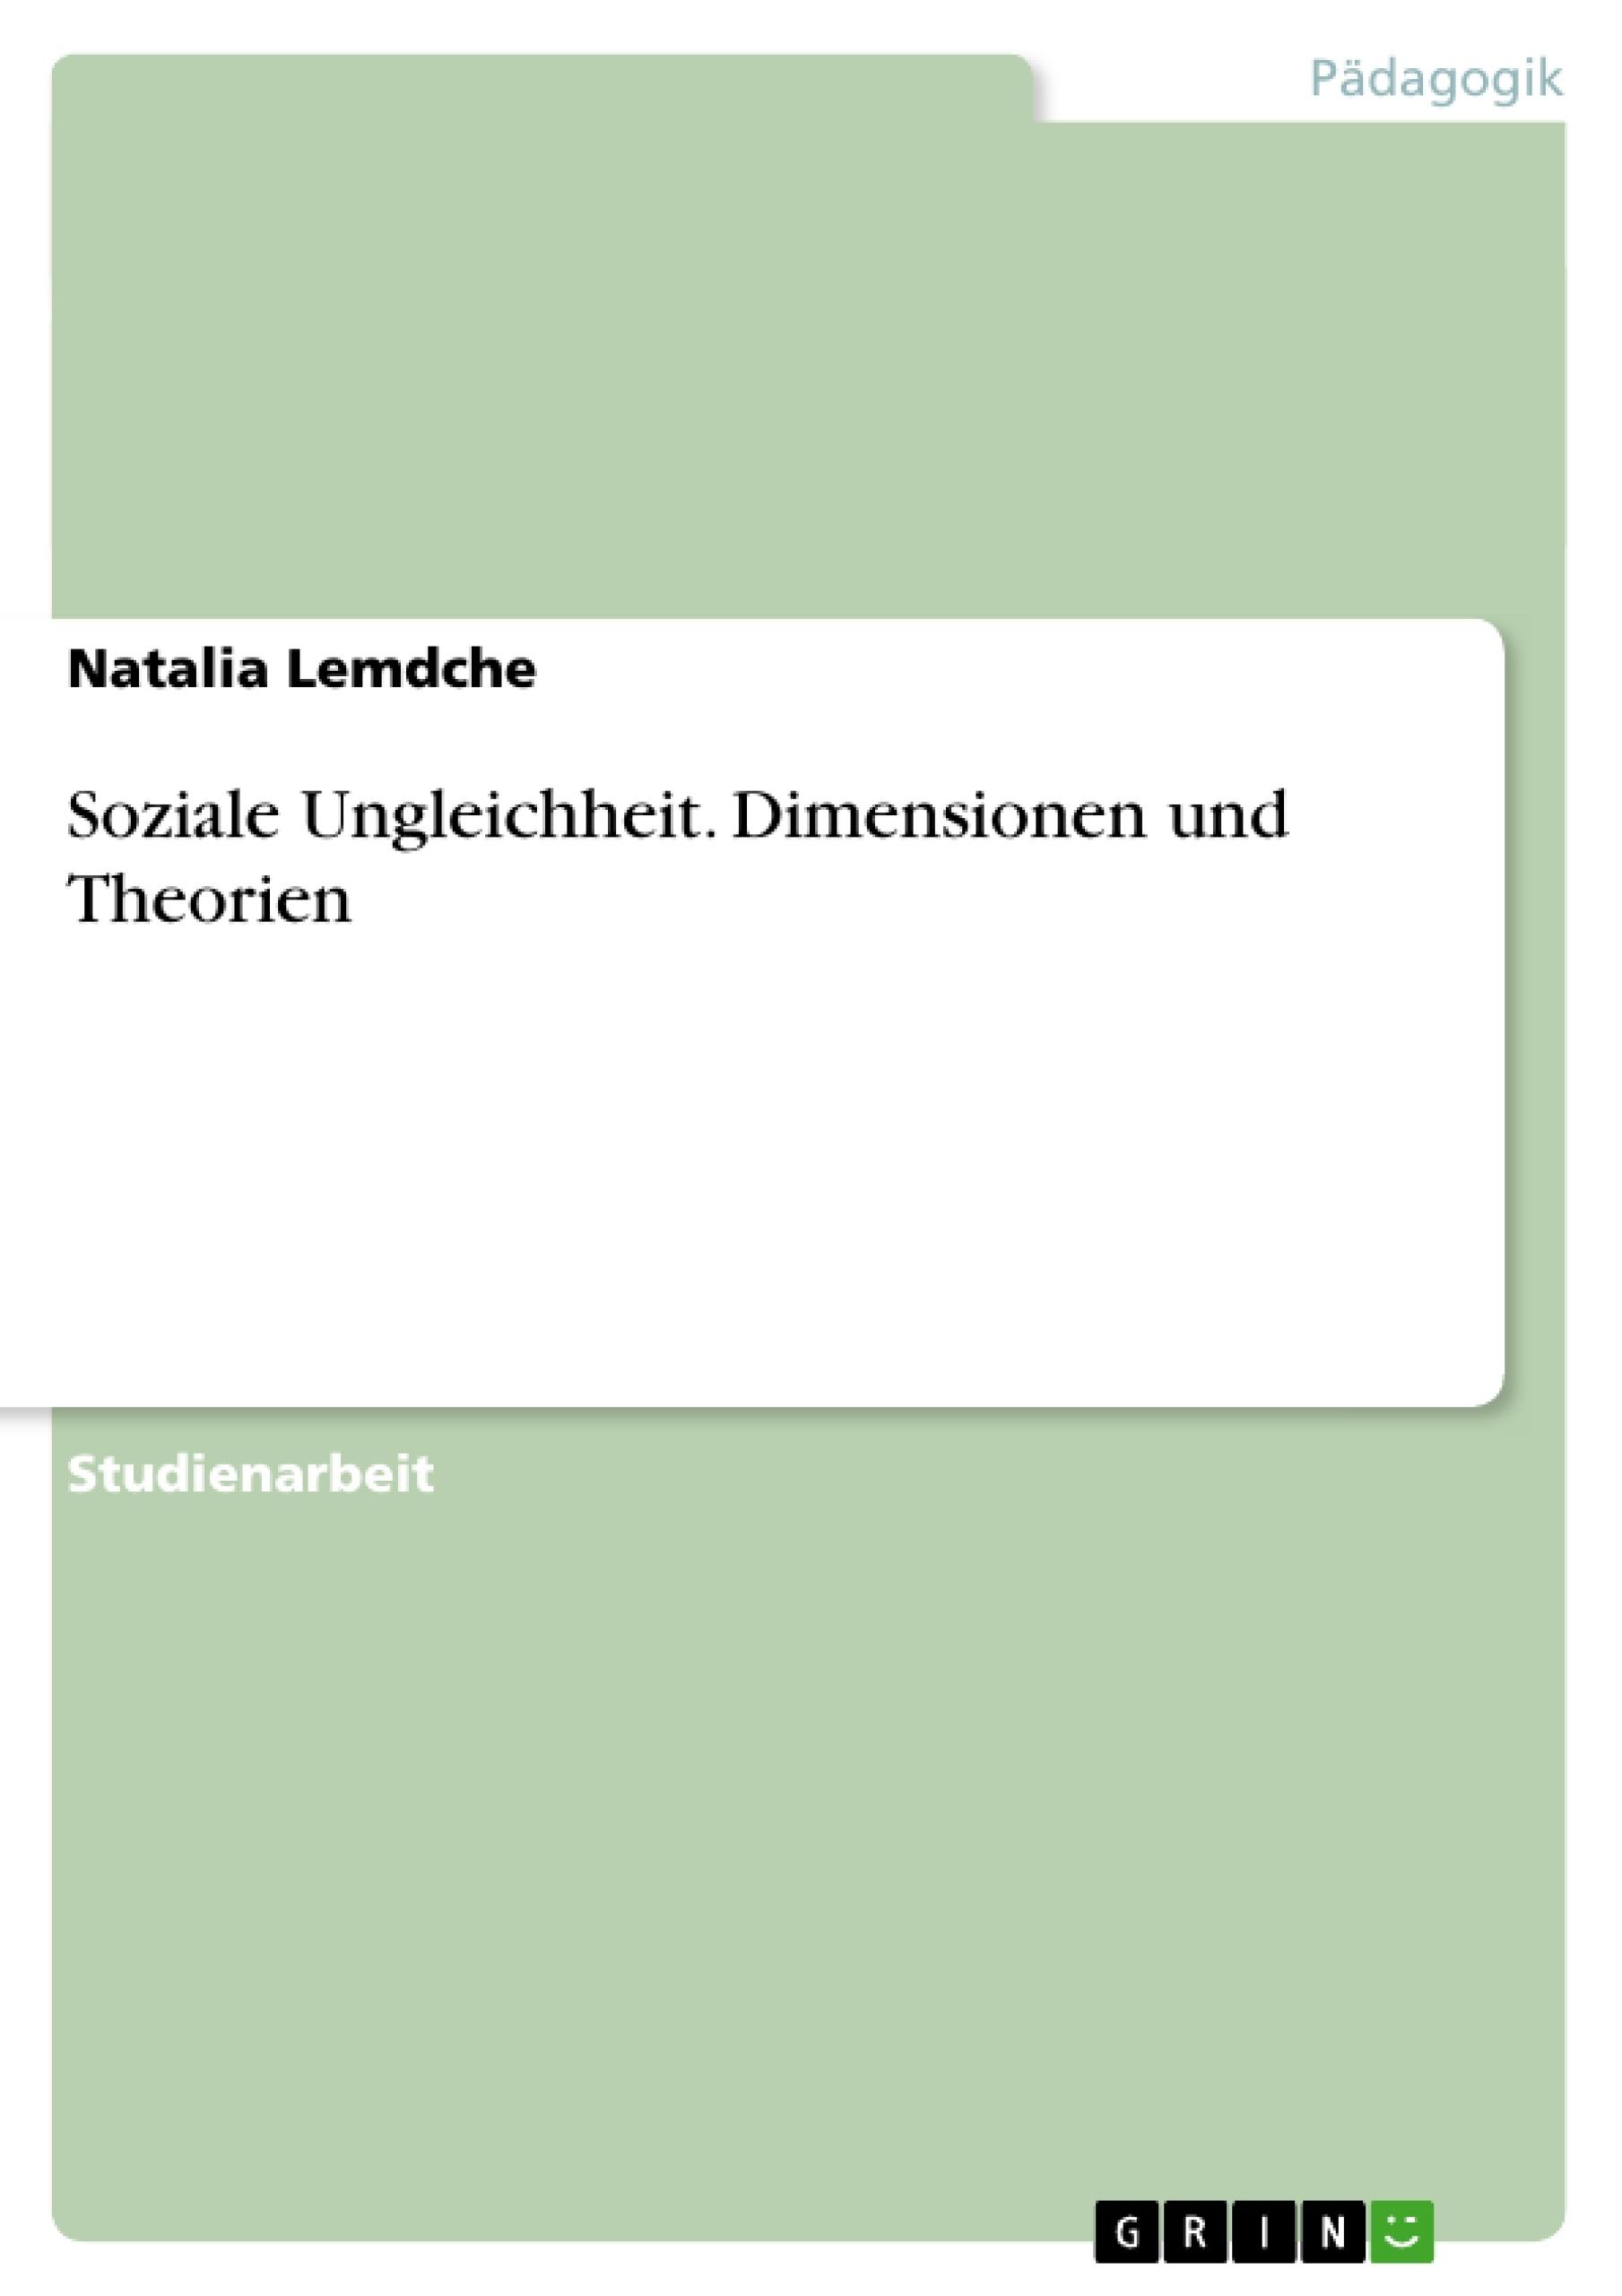 Titel: Soziale Ungleichheit. Dimensionen und Theorien